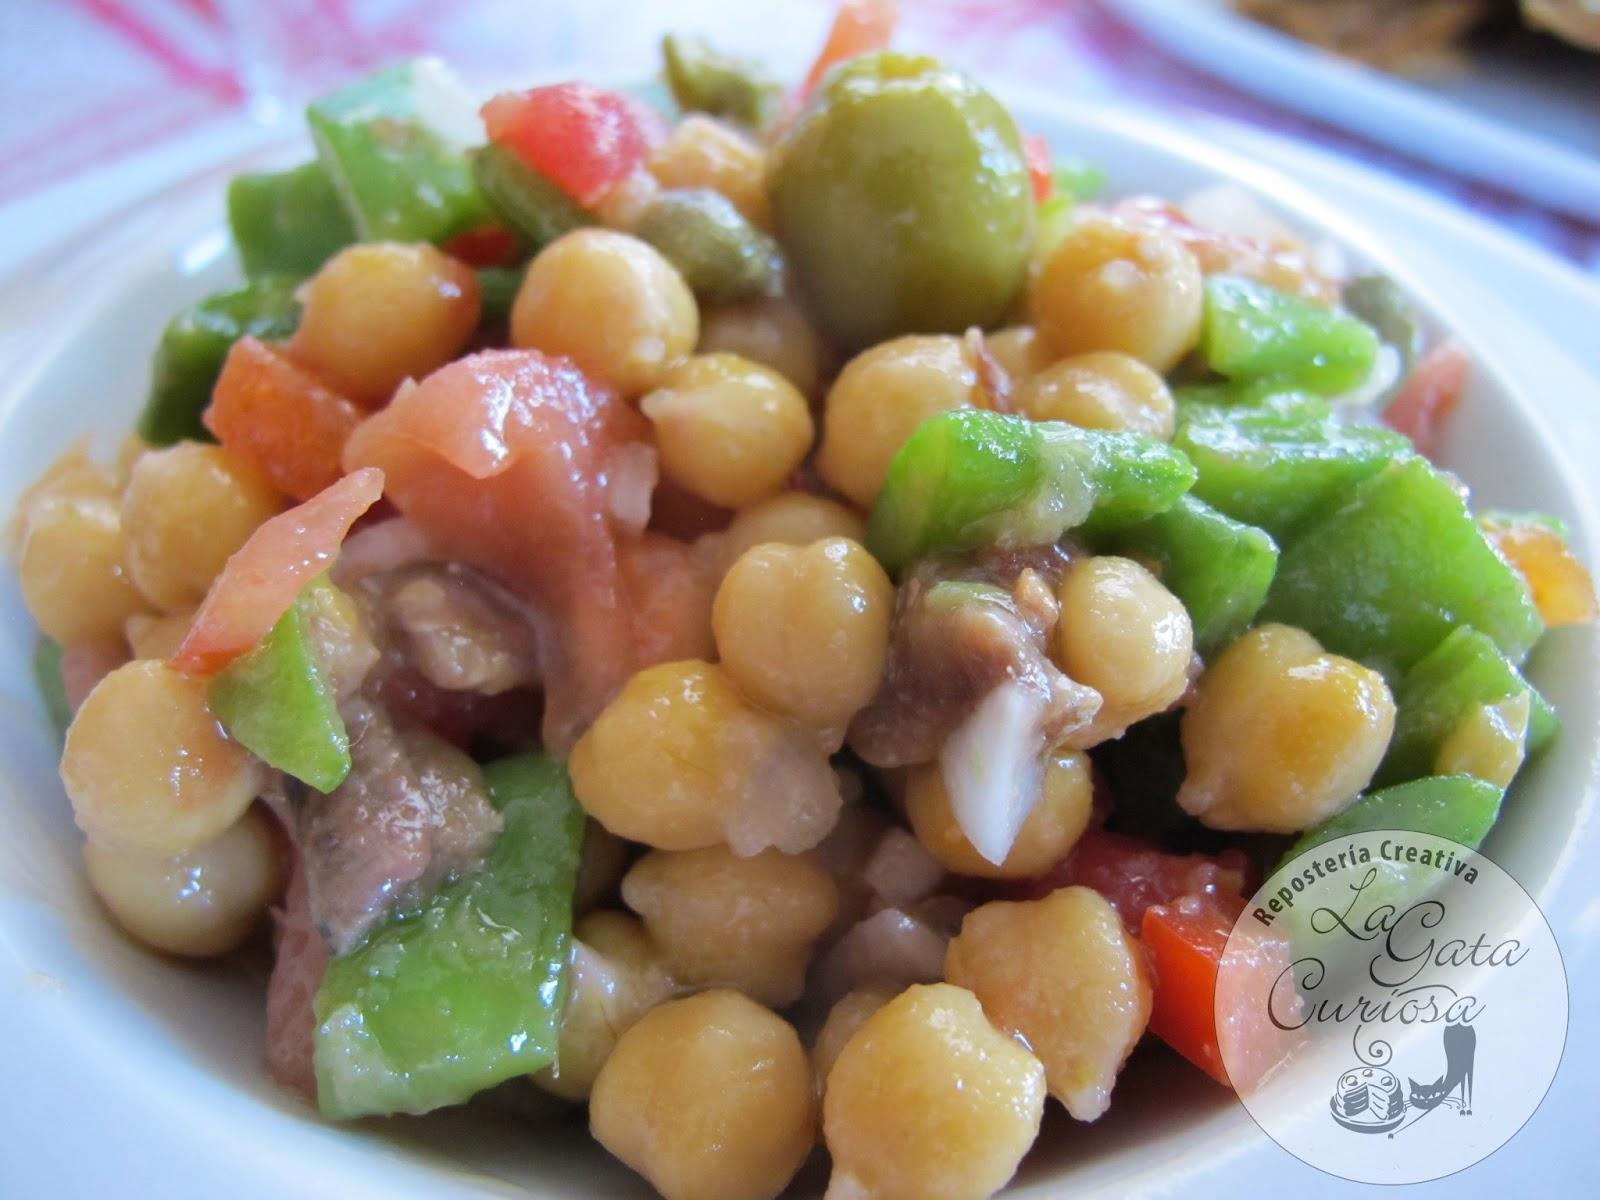 La gata curiosa ensalada de garbanzos y anchoas - Preparacion de garbanzos cocidos ...